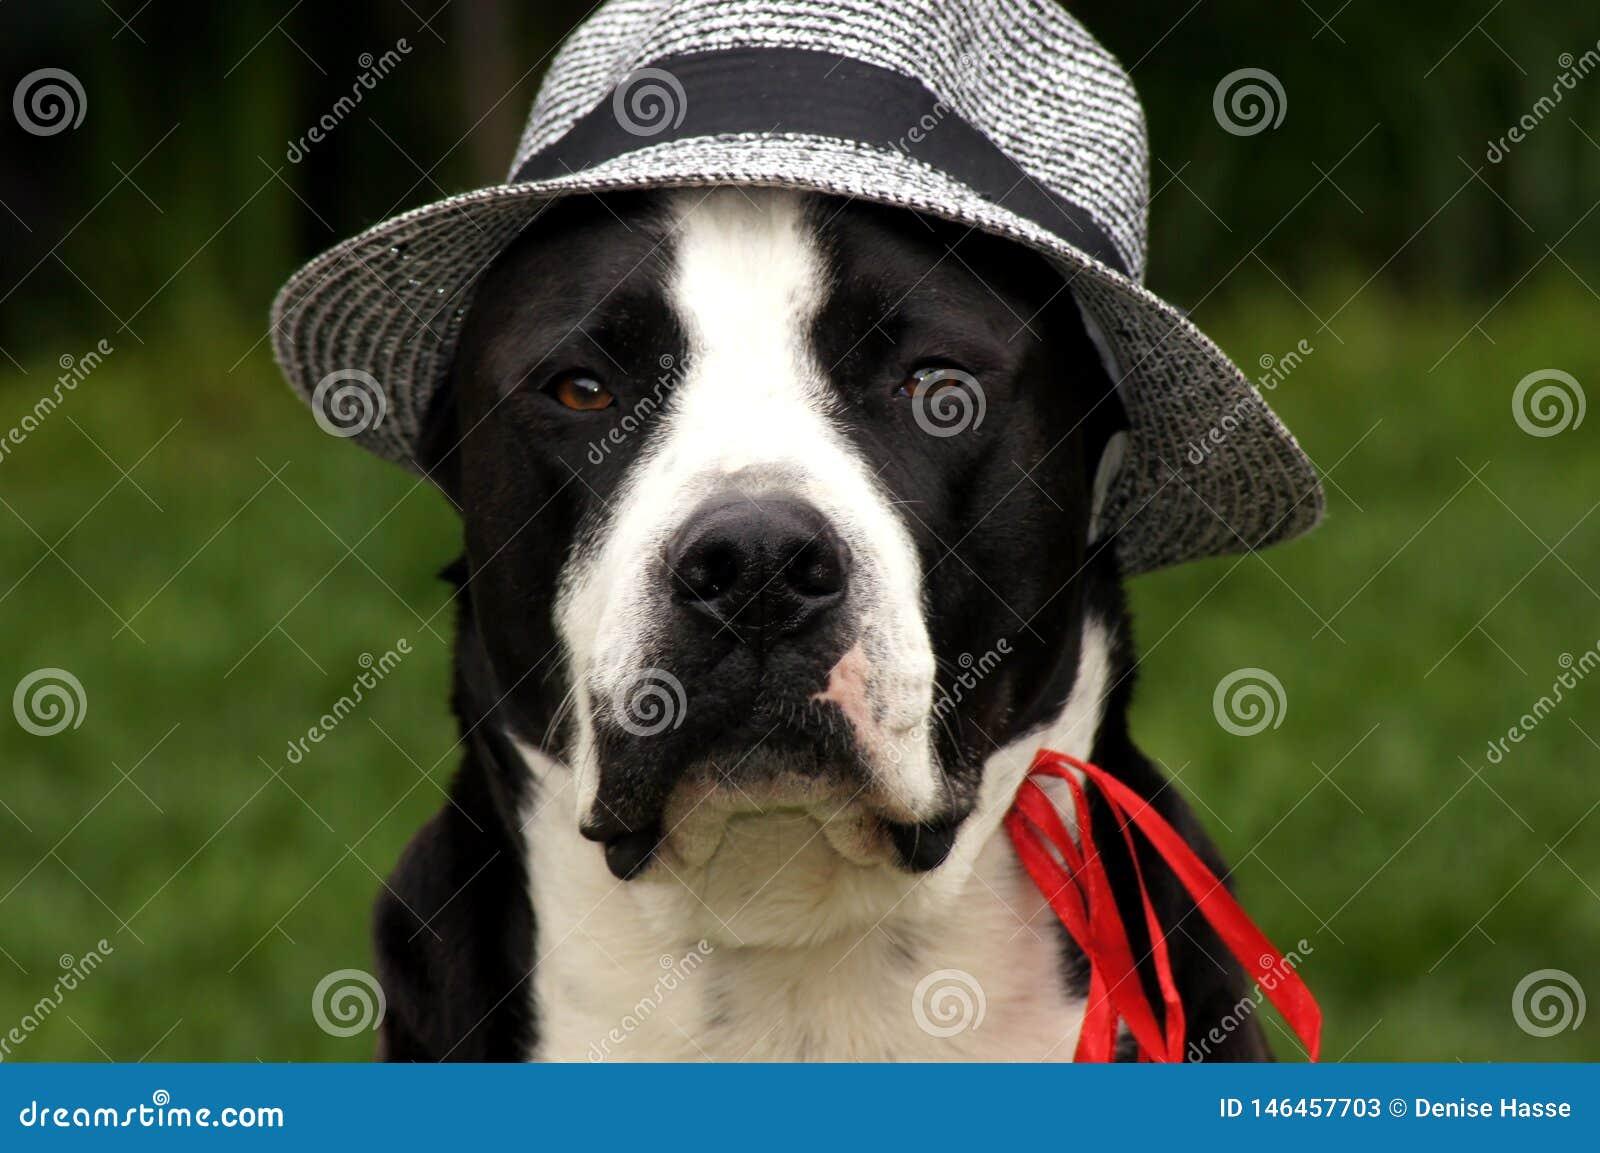 Hund mit Sonnenhut auf der grünen Wiese